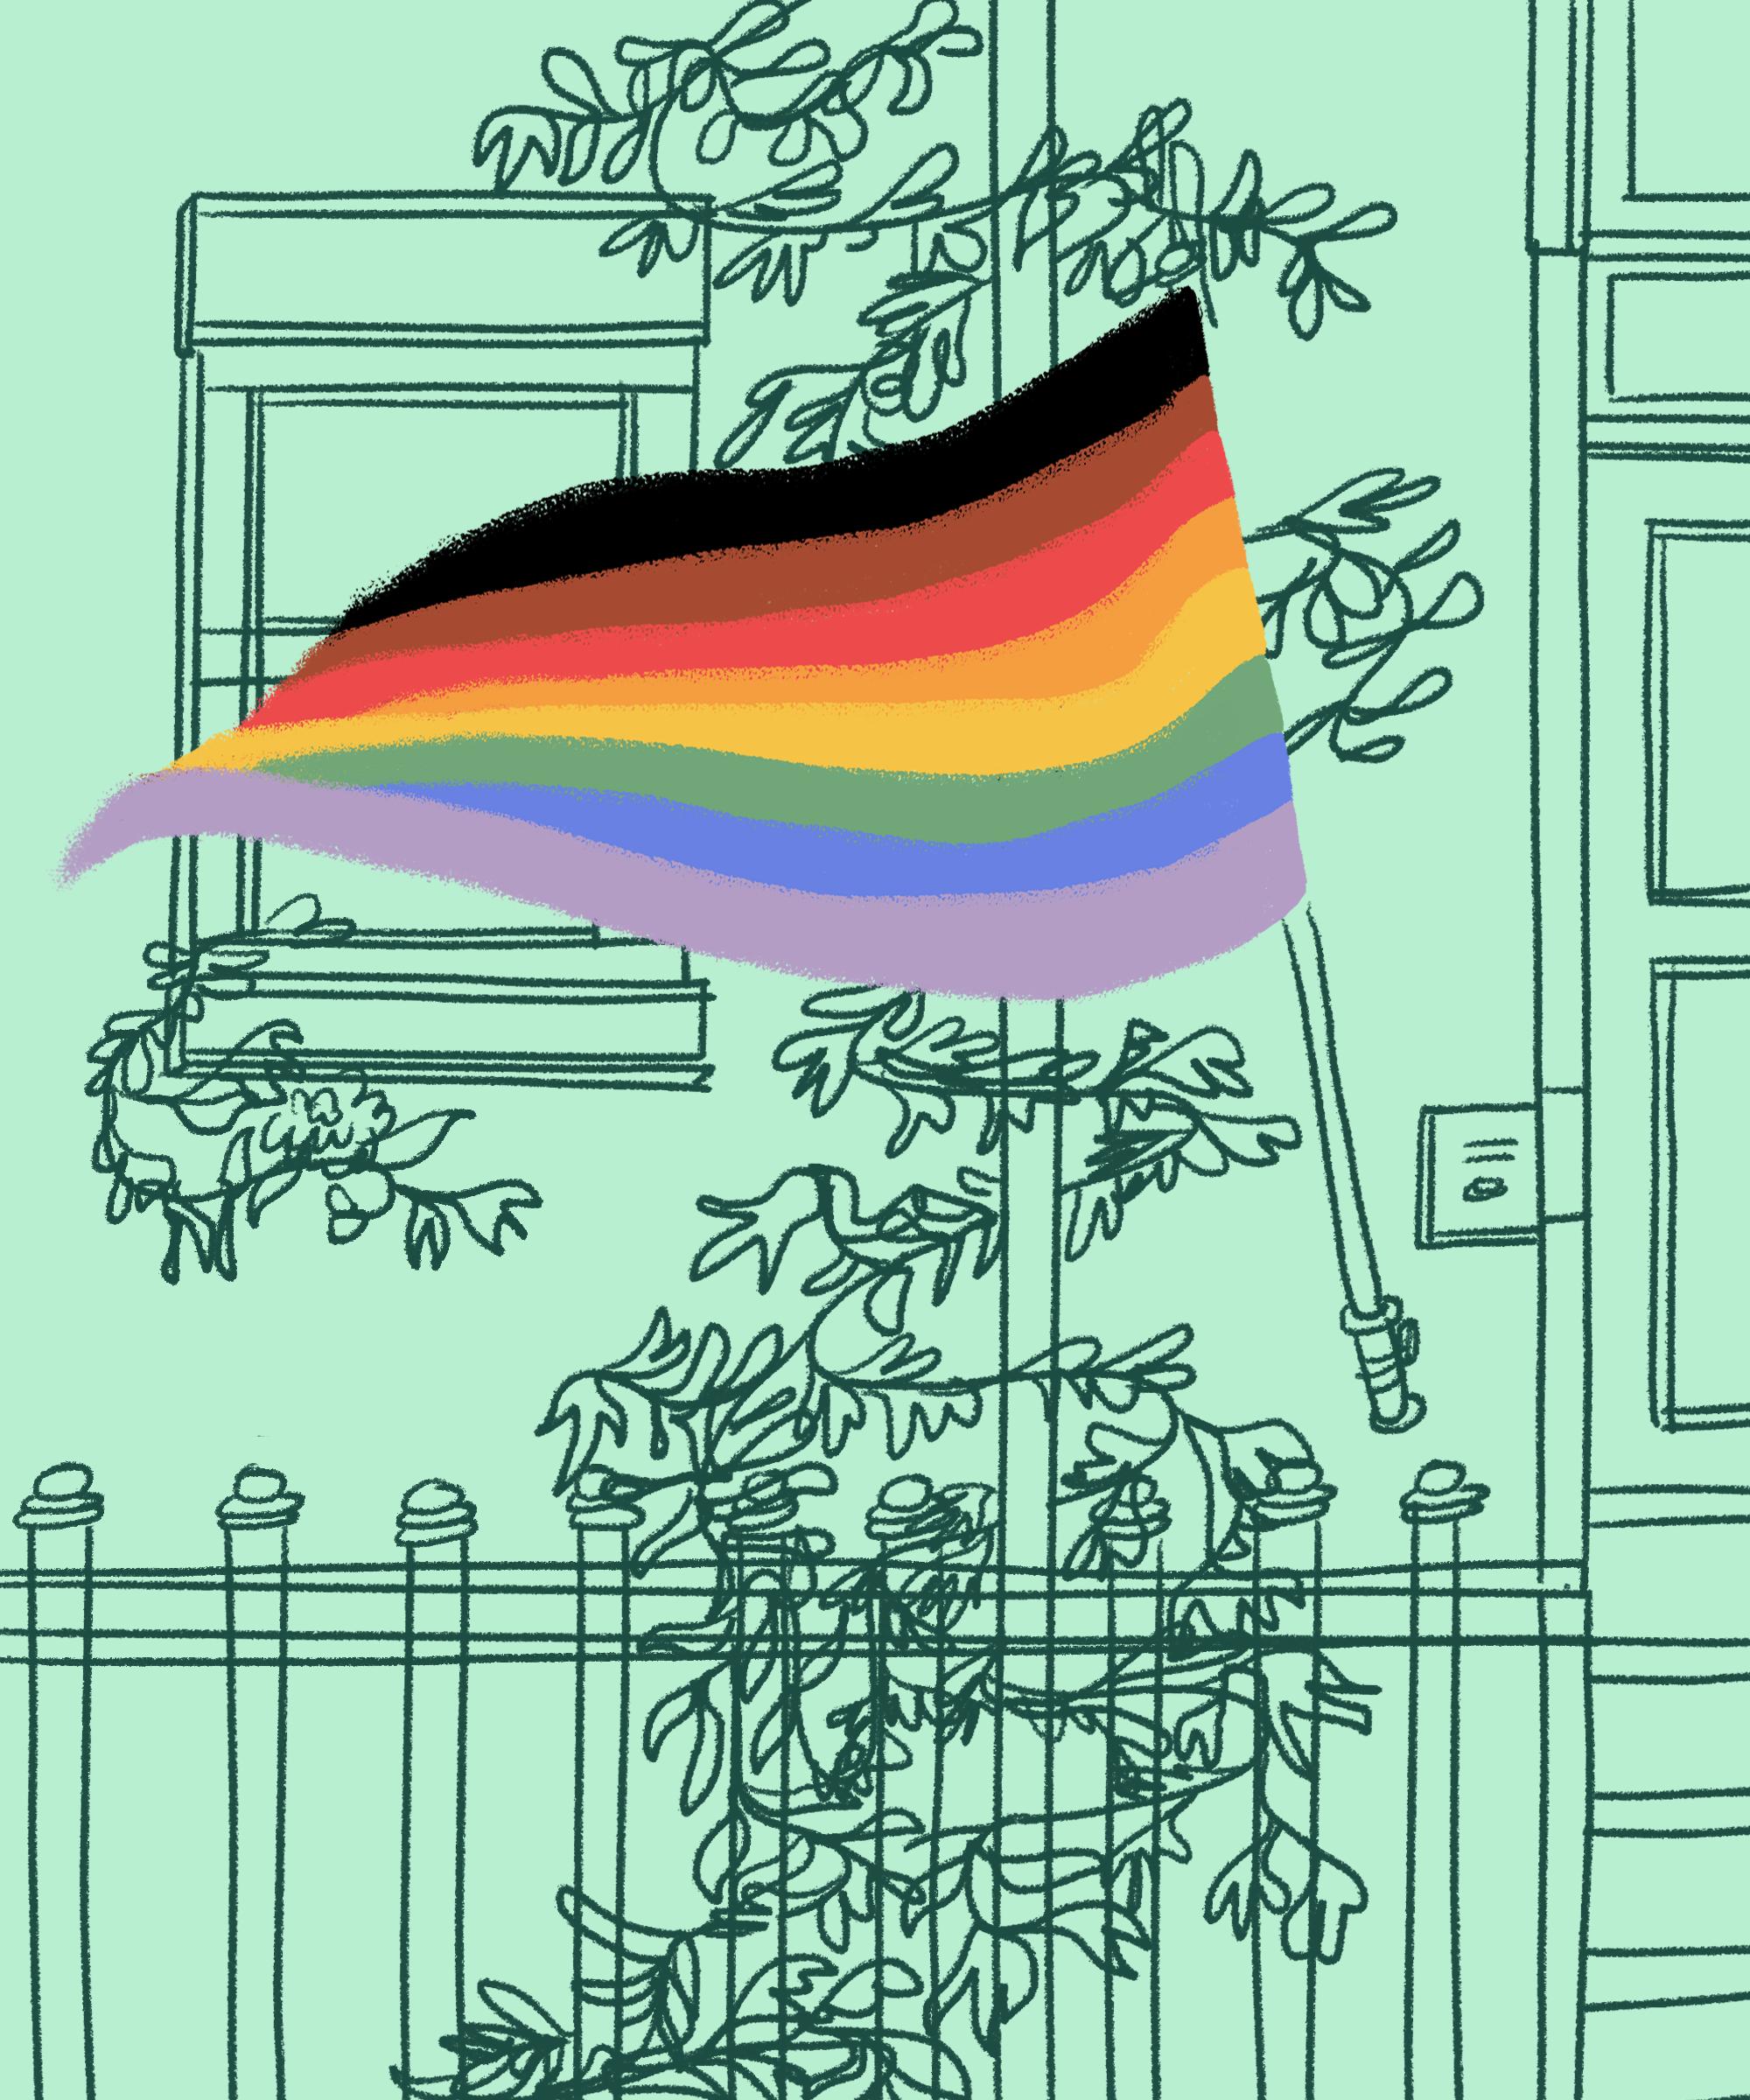 Rainbow decal lgbt lgbtqia gay pride flag lesbian car truck